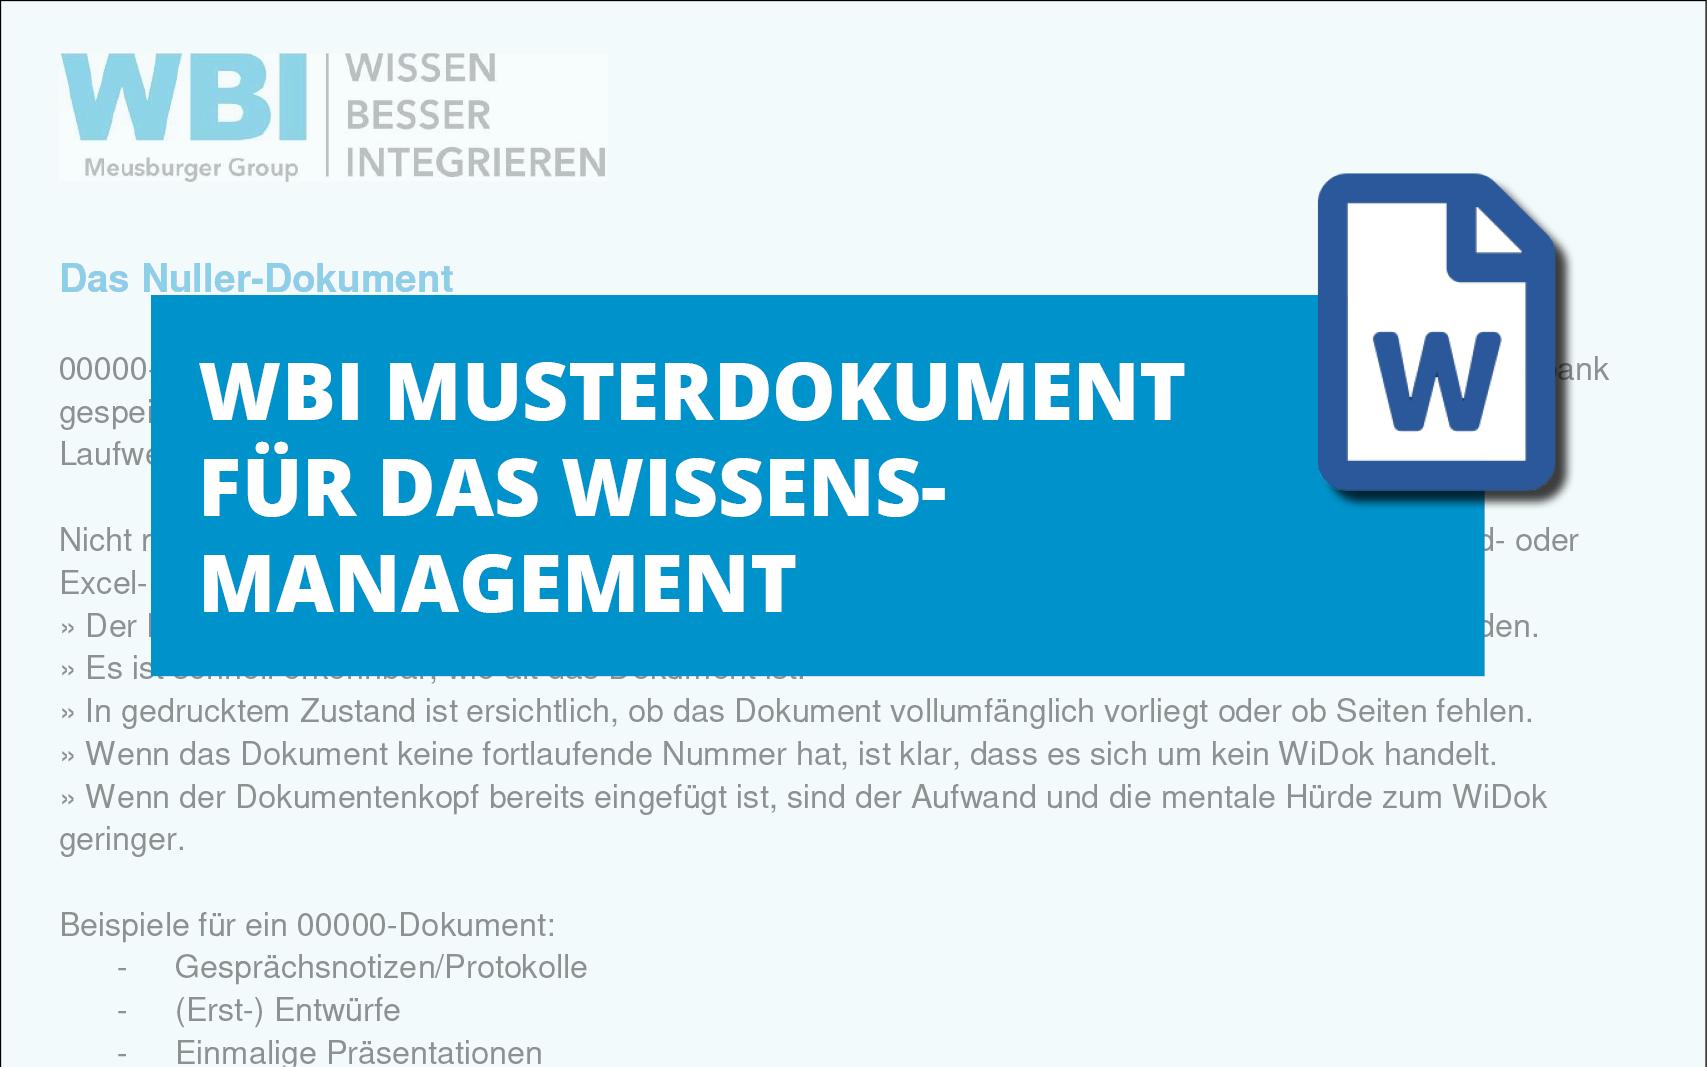 wbi-handout-das-nuller-dokument